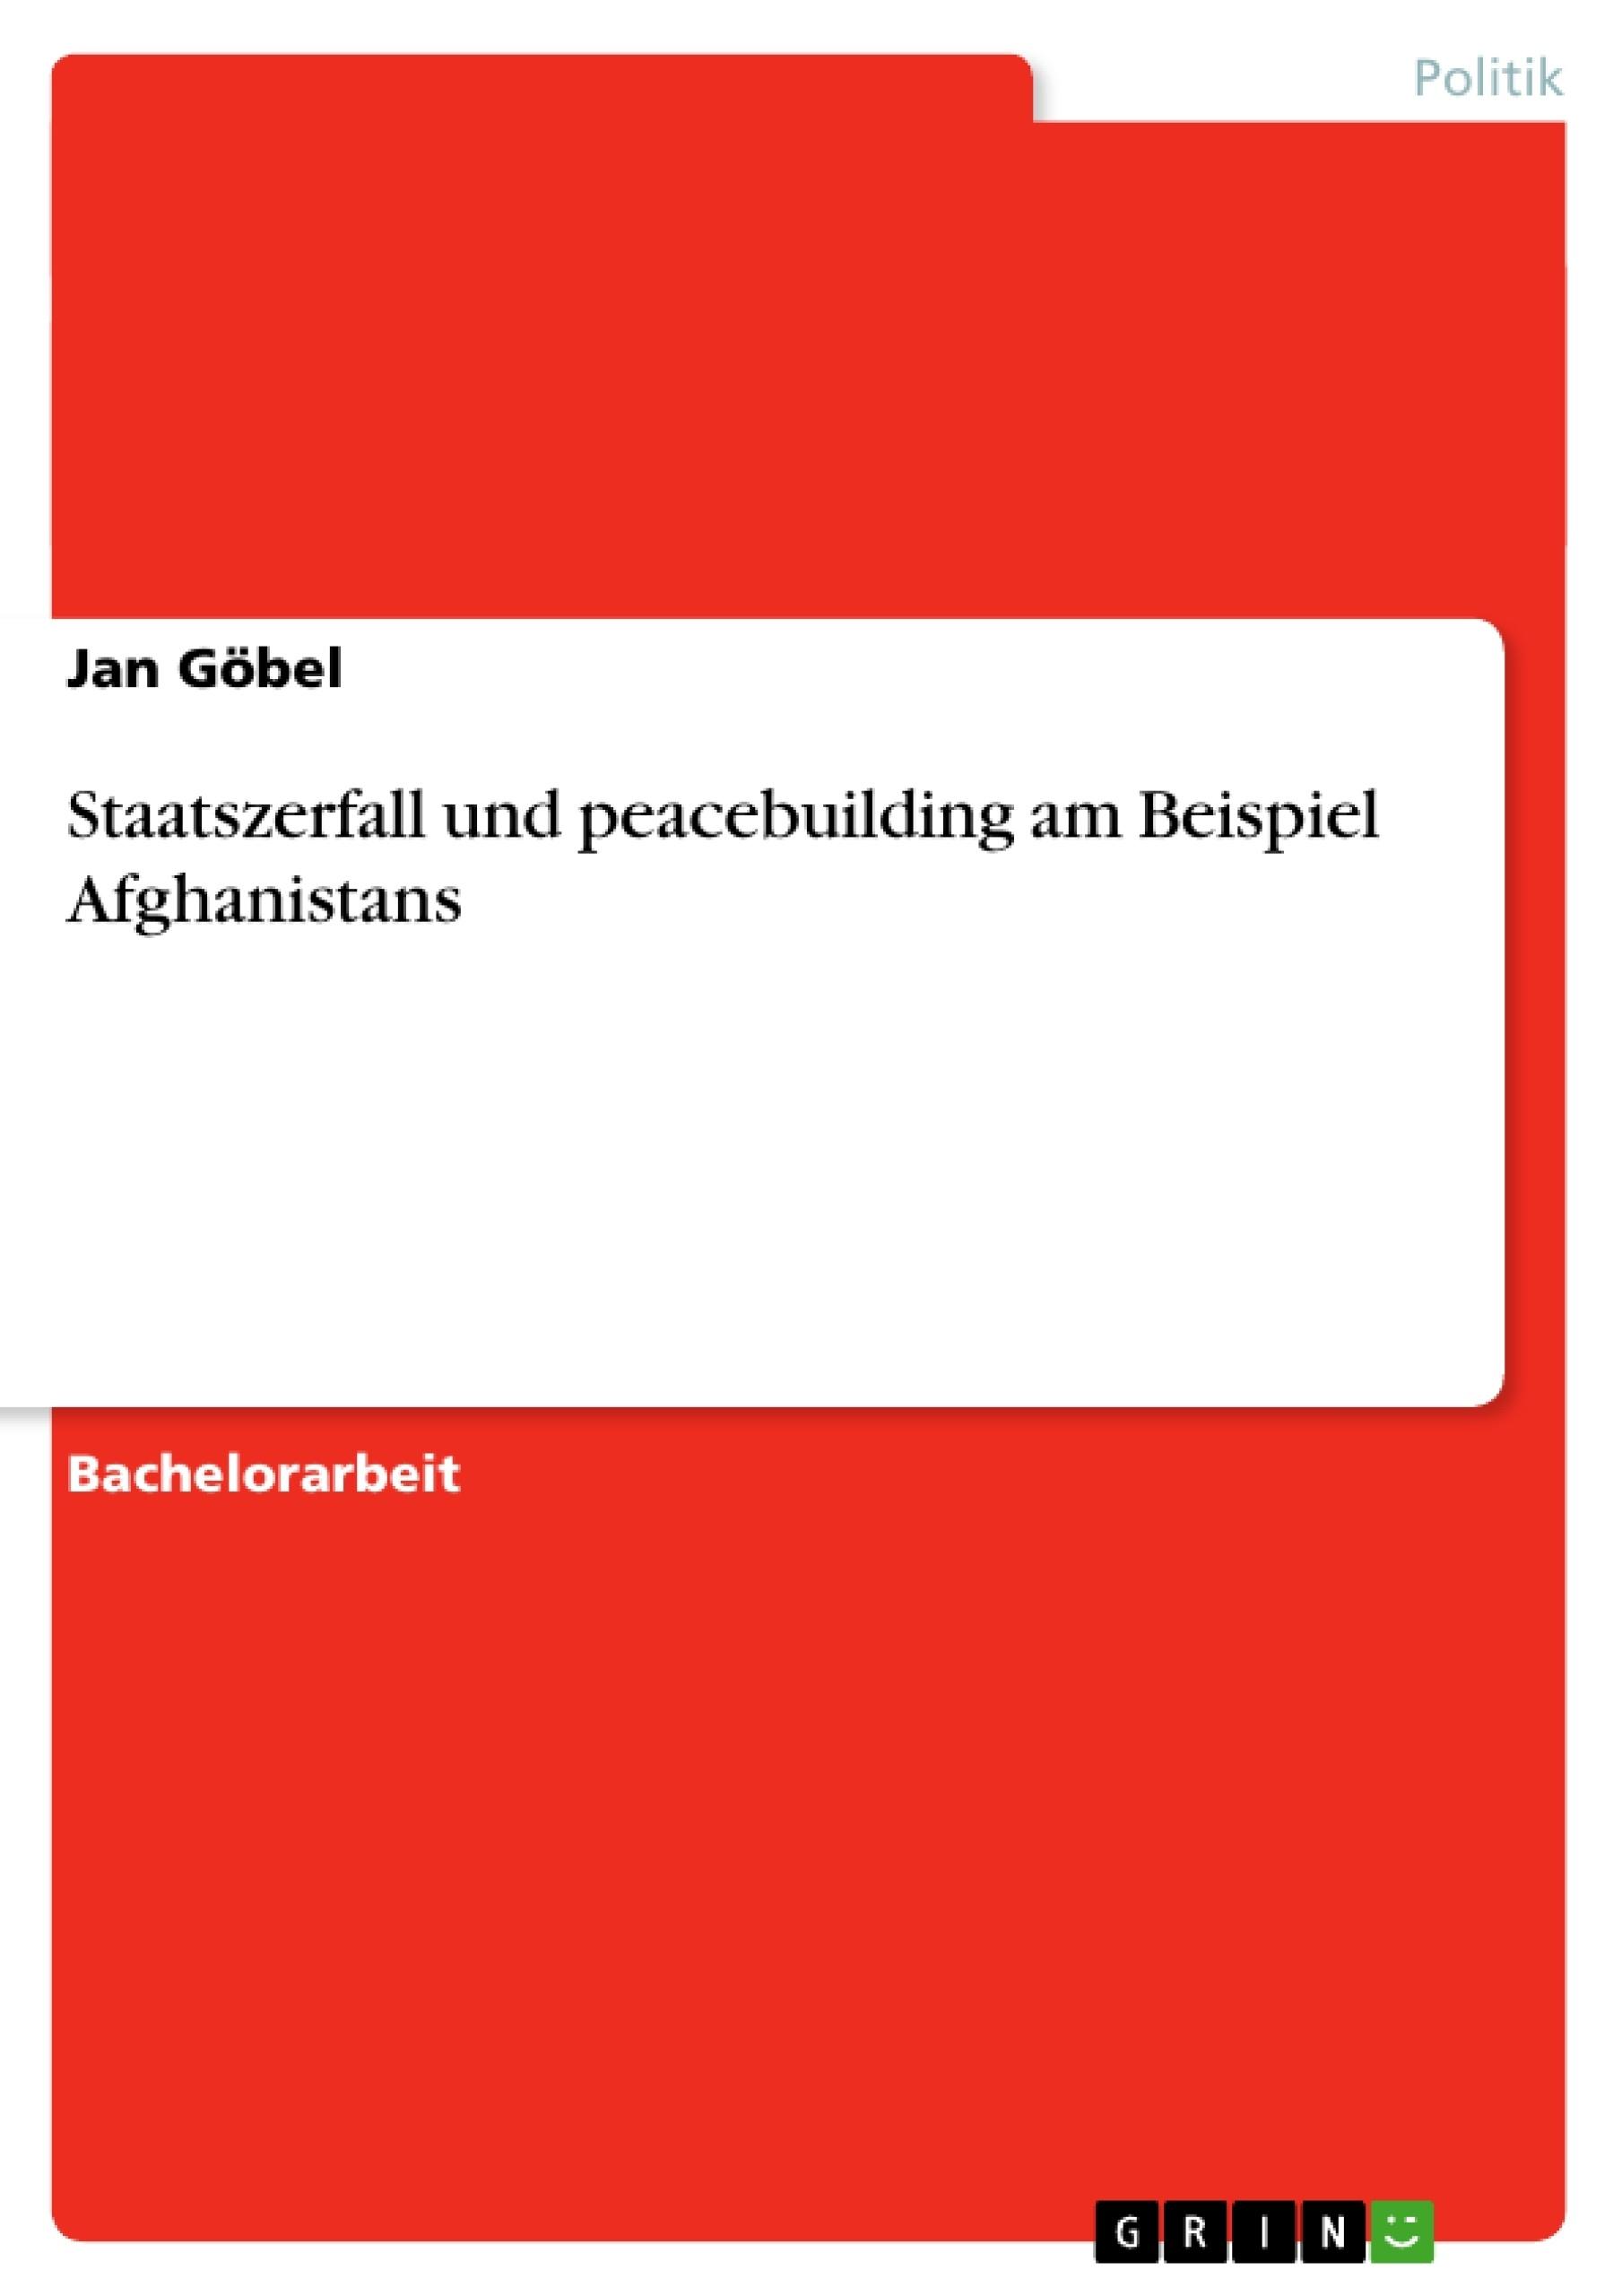 Titel: Staatszerfall und peacebuilding am Beispiel Afghanistans